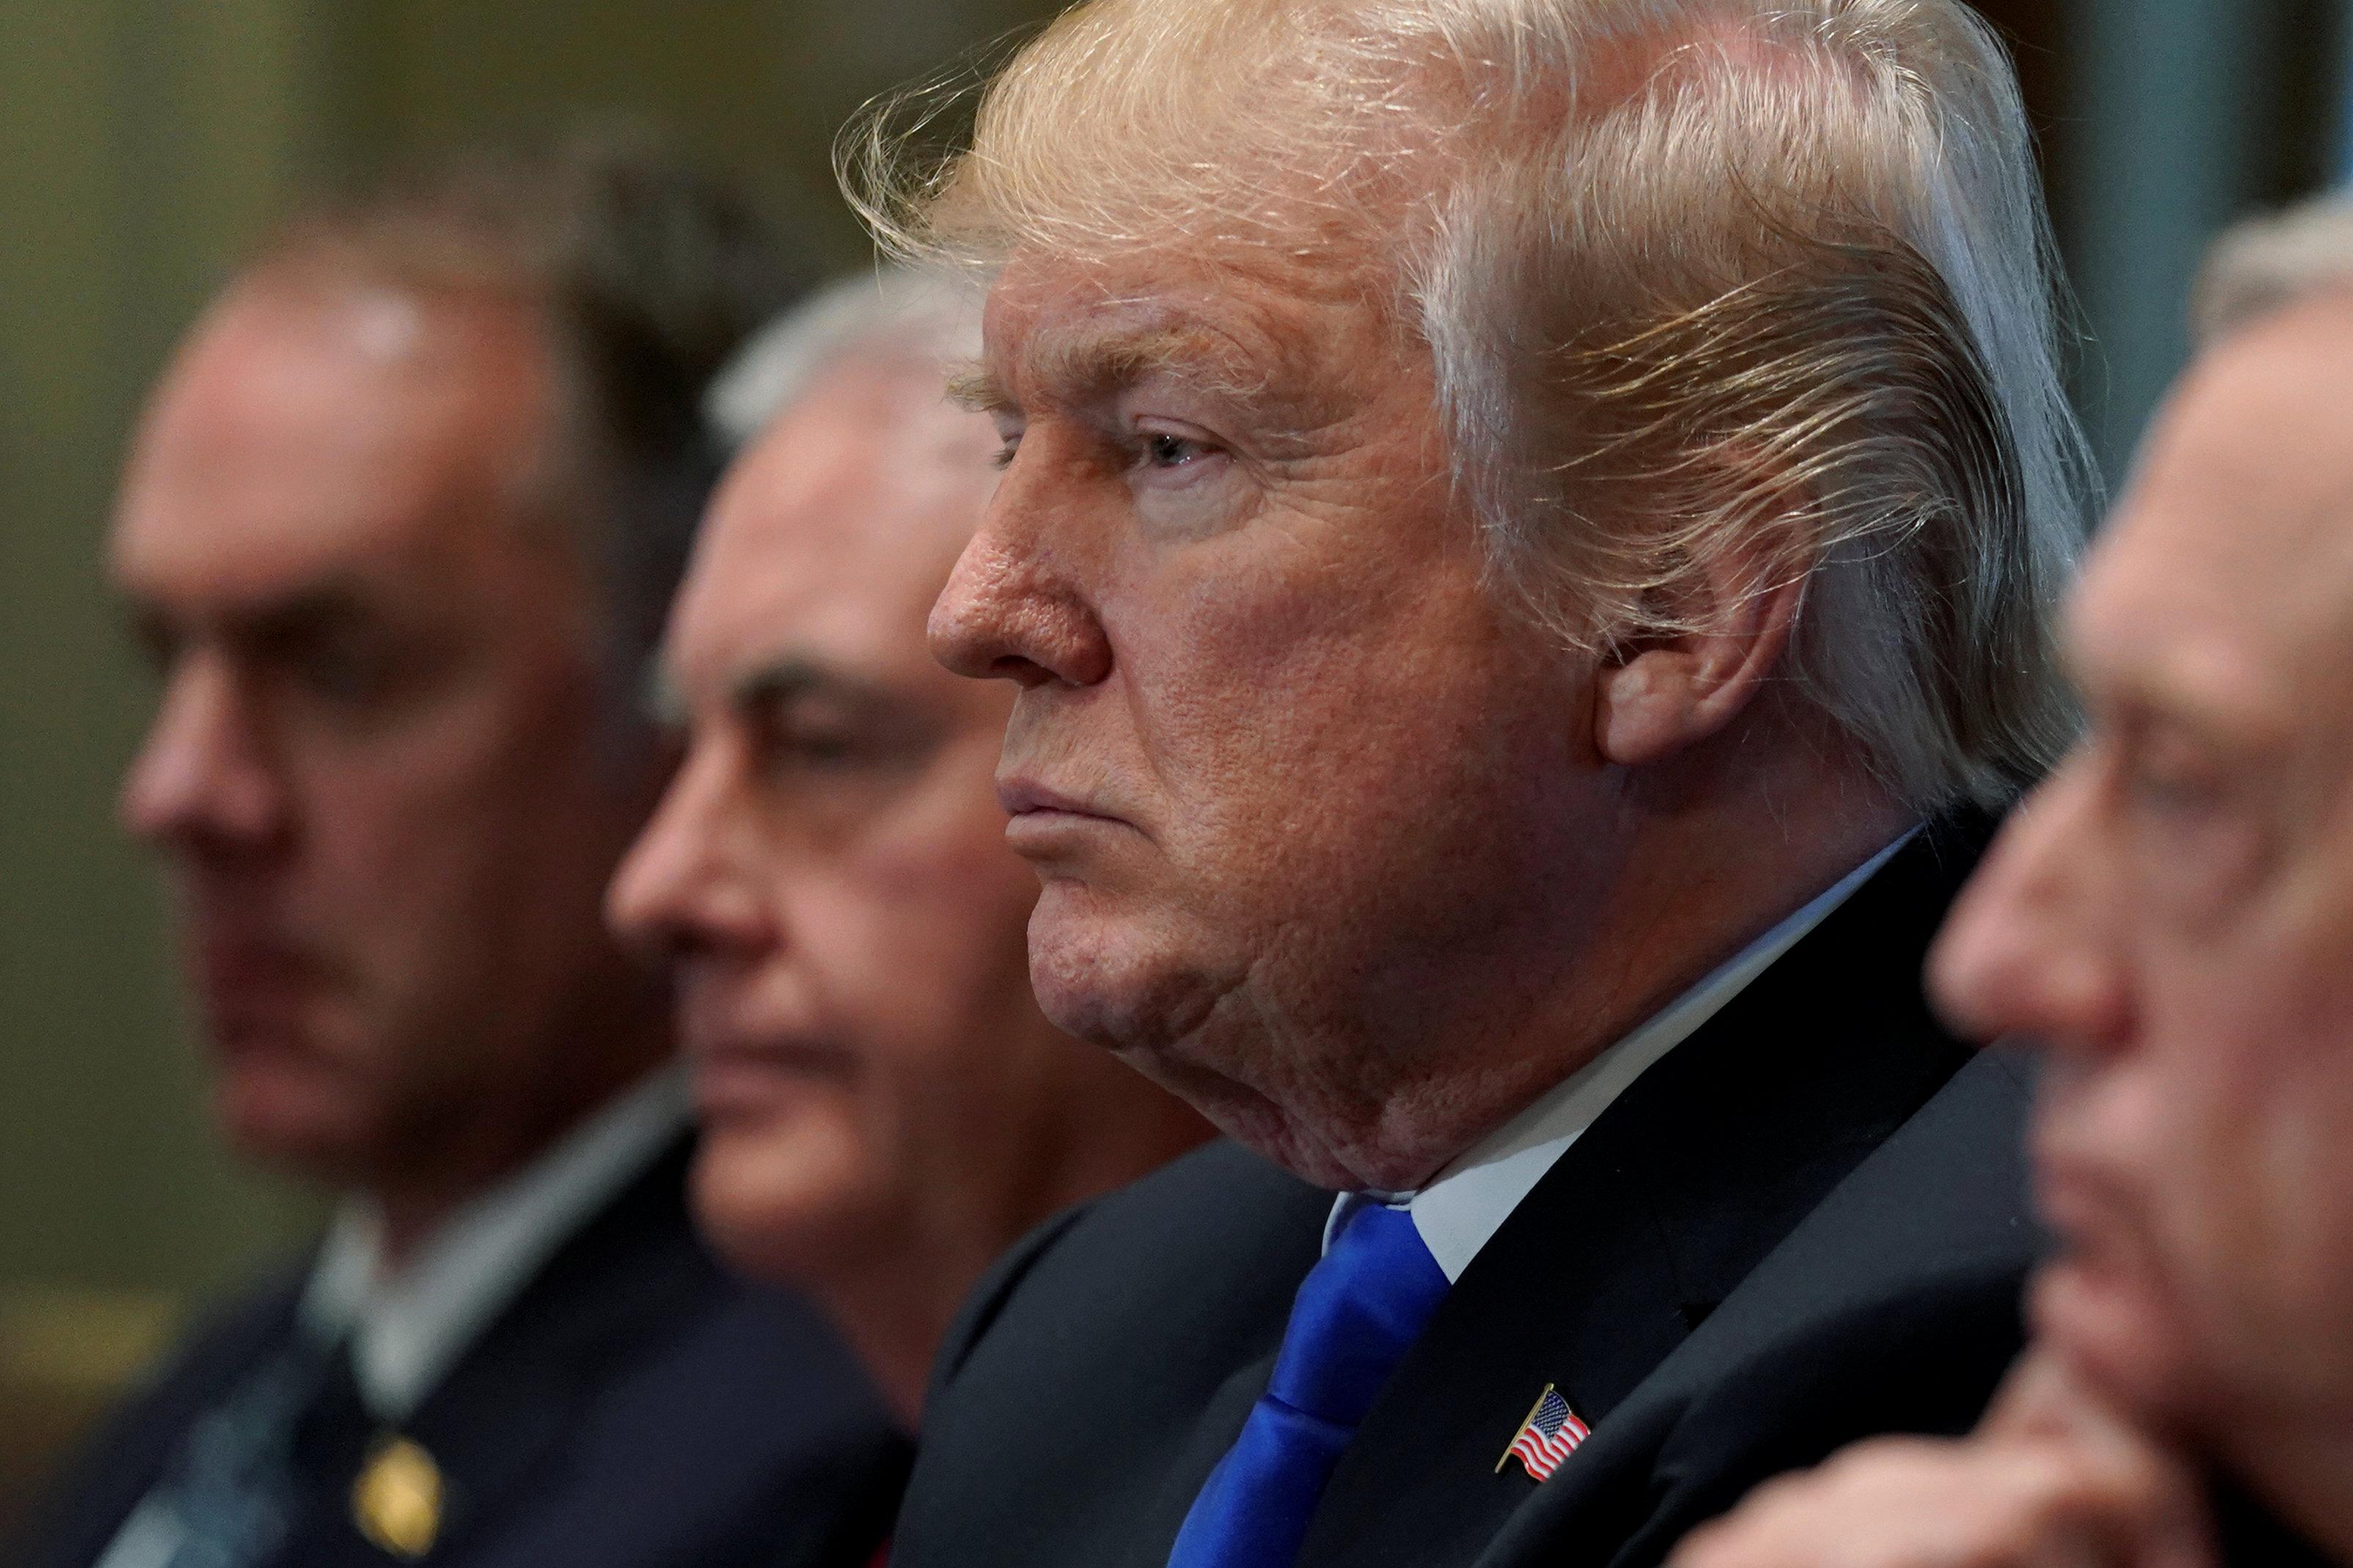 Trump'tan BM ülkelerine uyarı: Oylarınızı kaydediyoruz